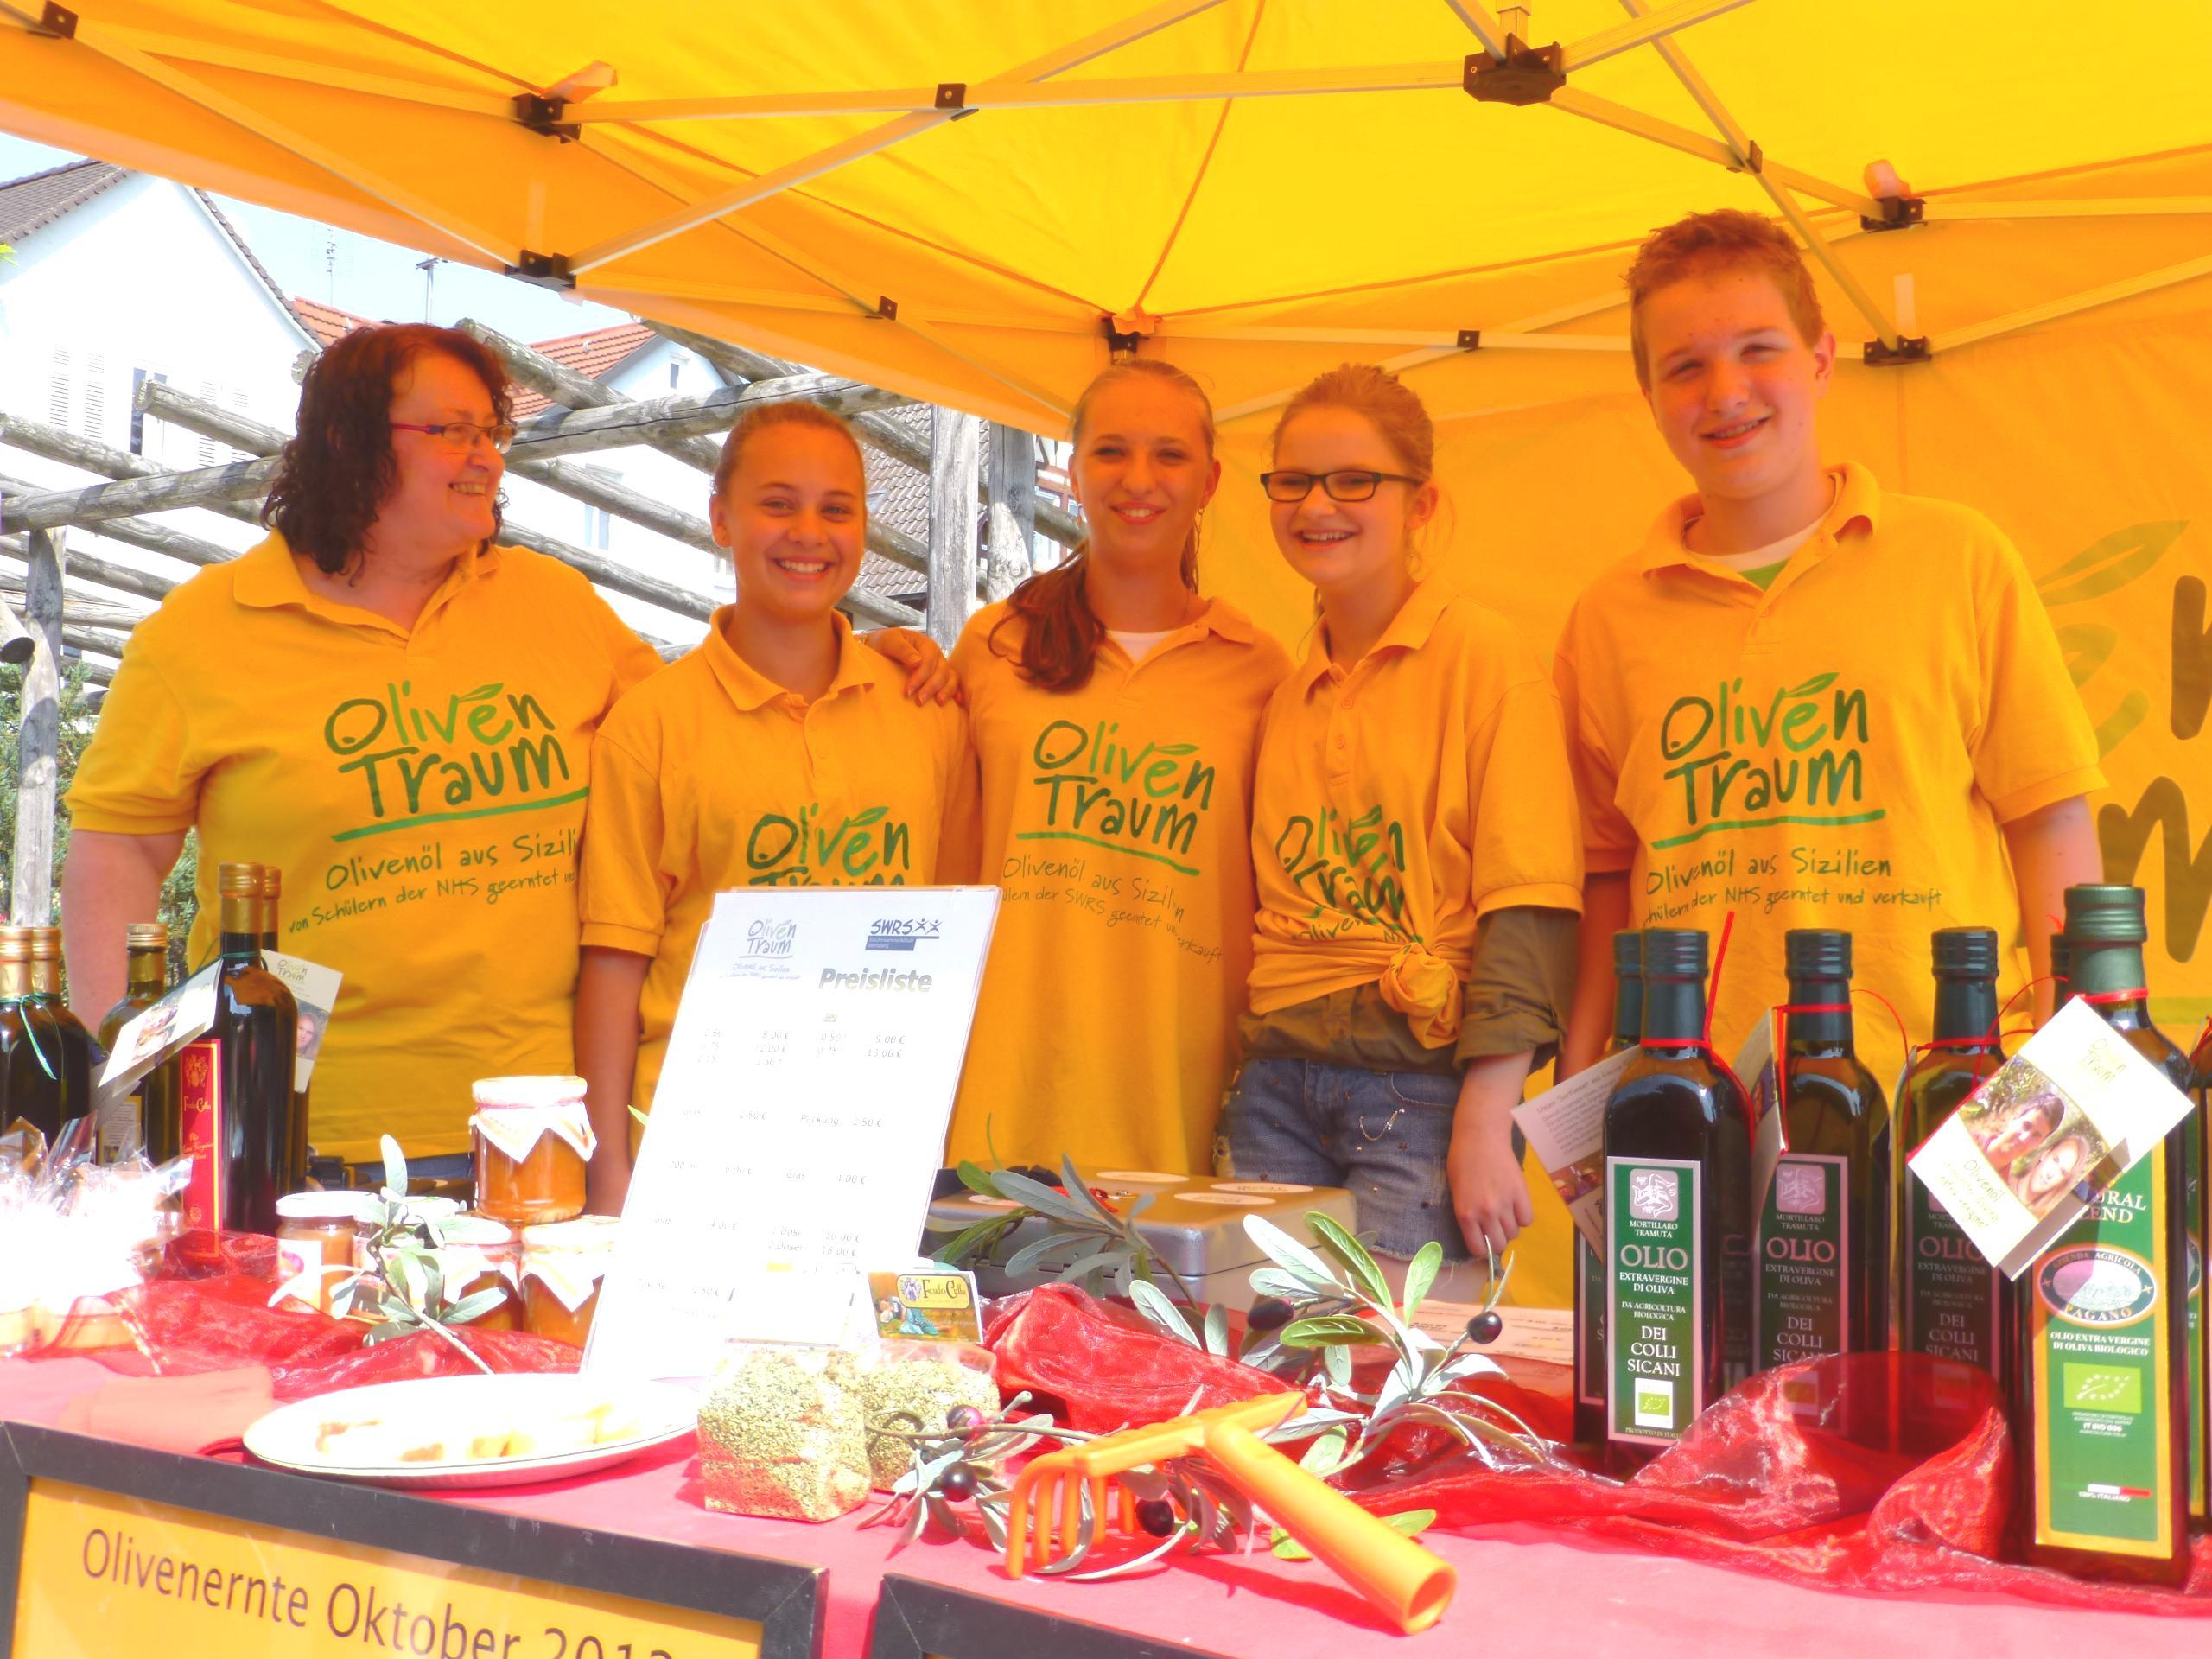 Lucca Sicula olio in Germania